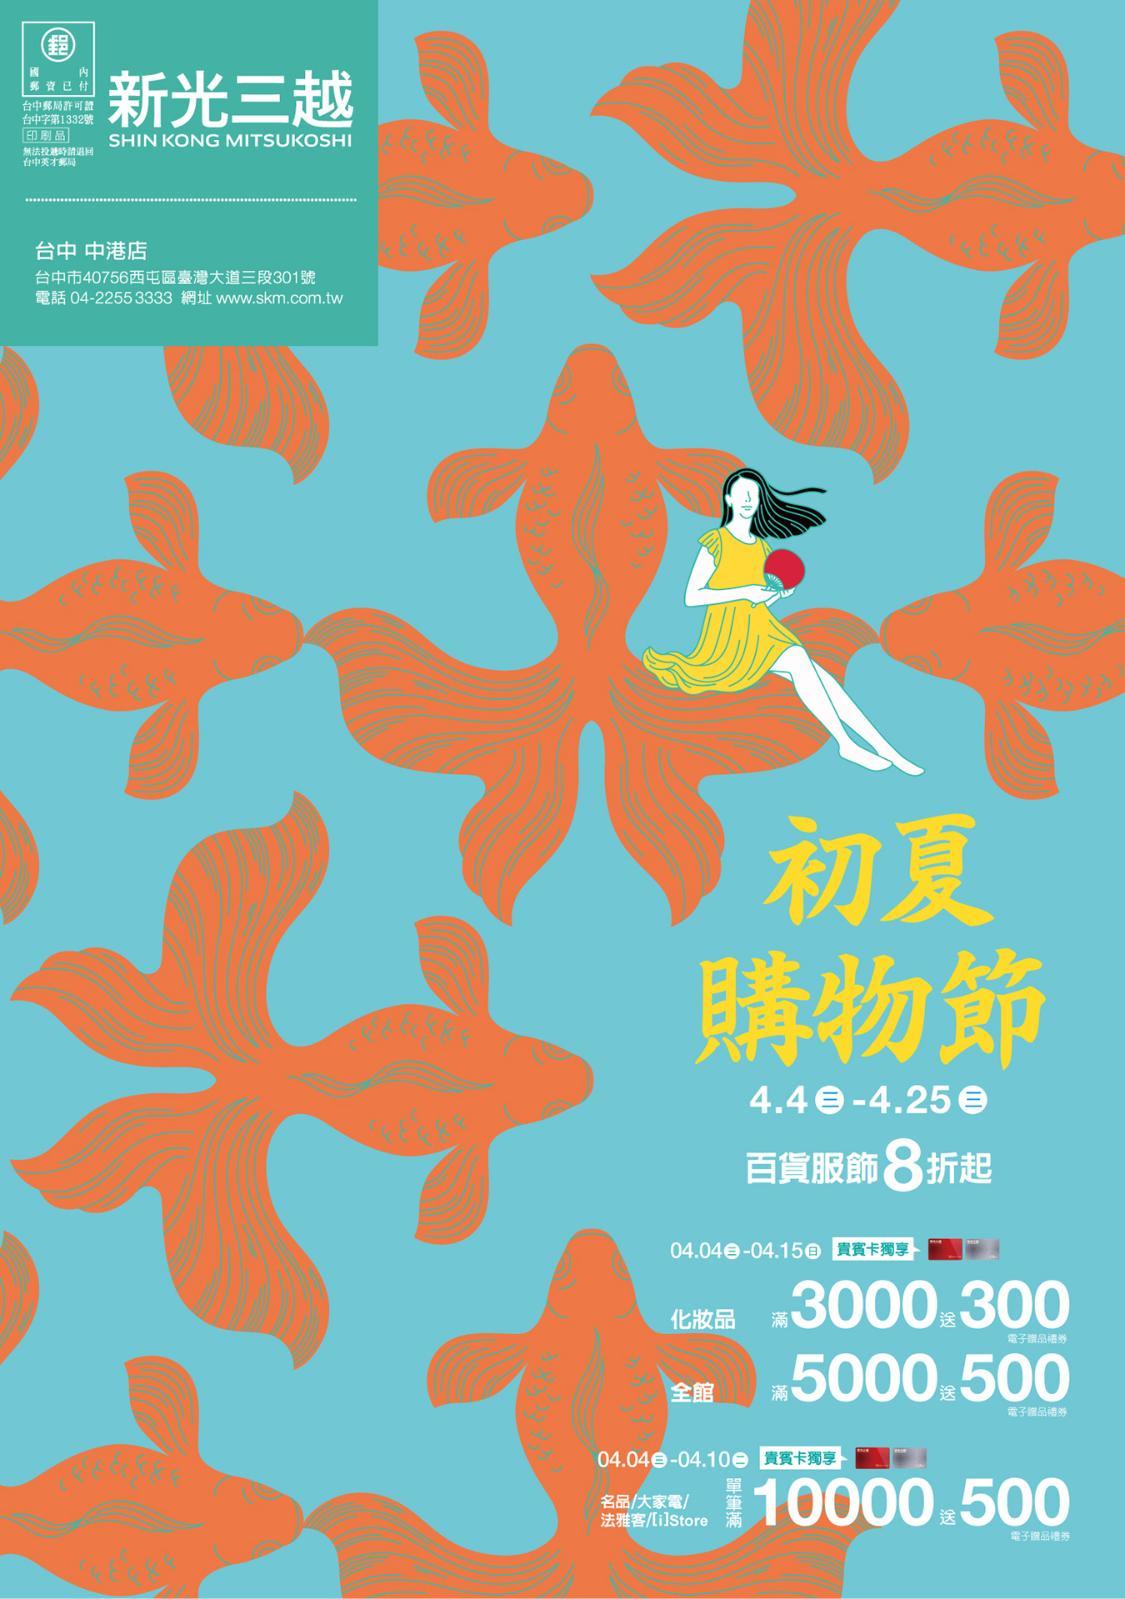 中港Edm 0329new